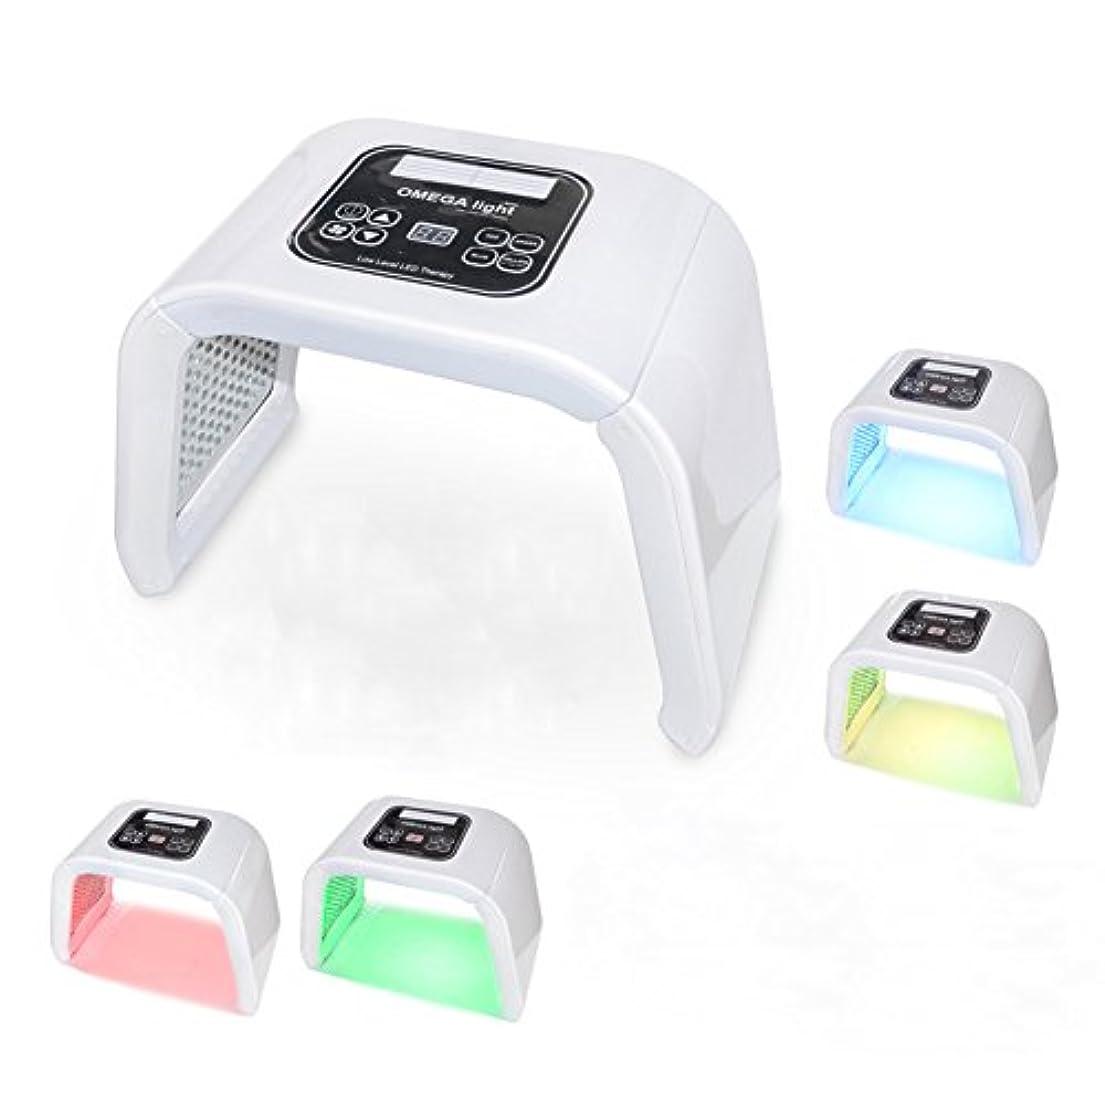 本物私たち自身内訳にきびの皮の若返りの美装置を白くする光子療法機械LED 4色,White